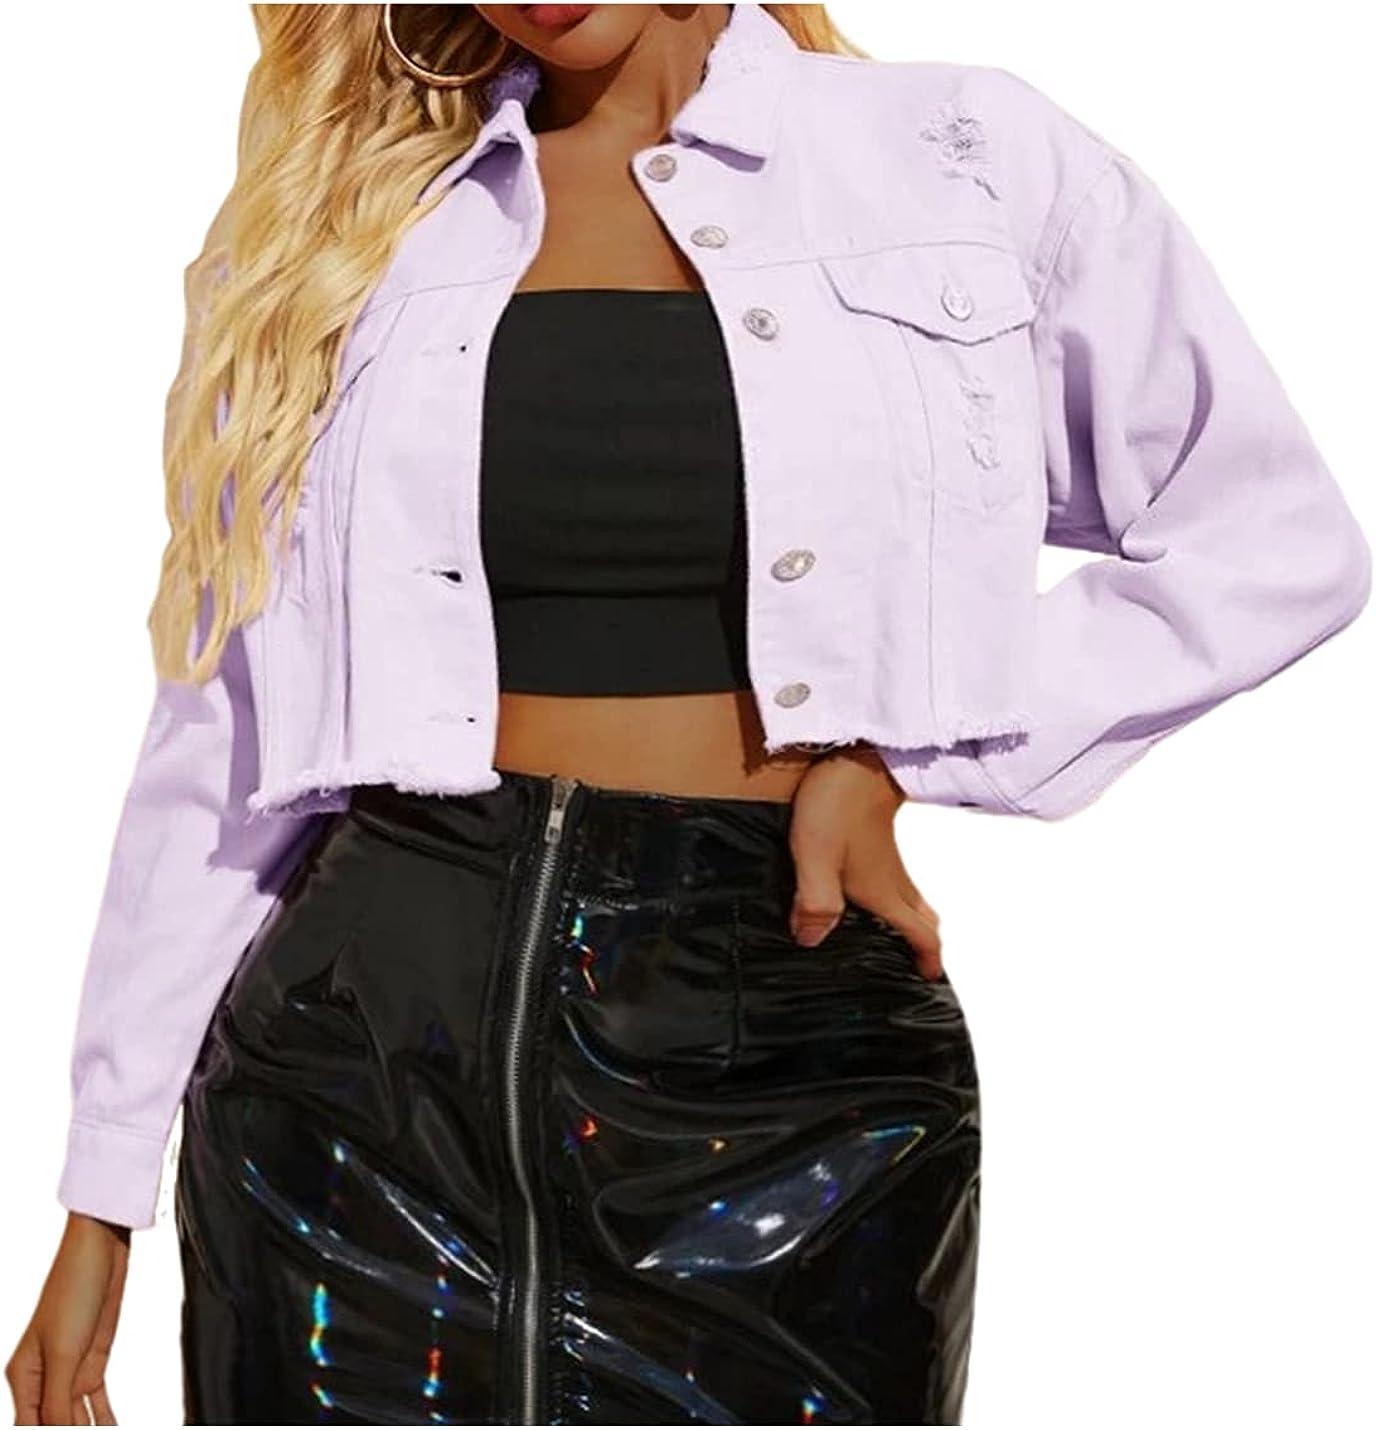 PAODIKUAI Women's Classic Denim Jean Jacket Loose Jean Trucker Jacket